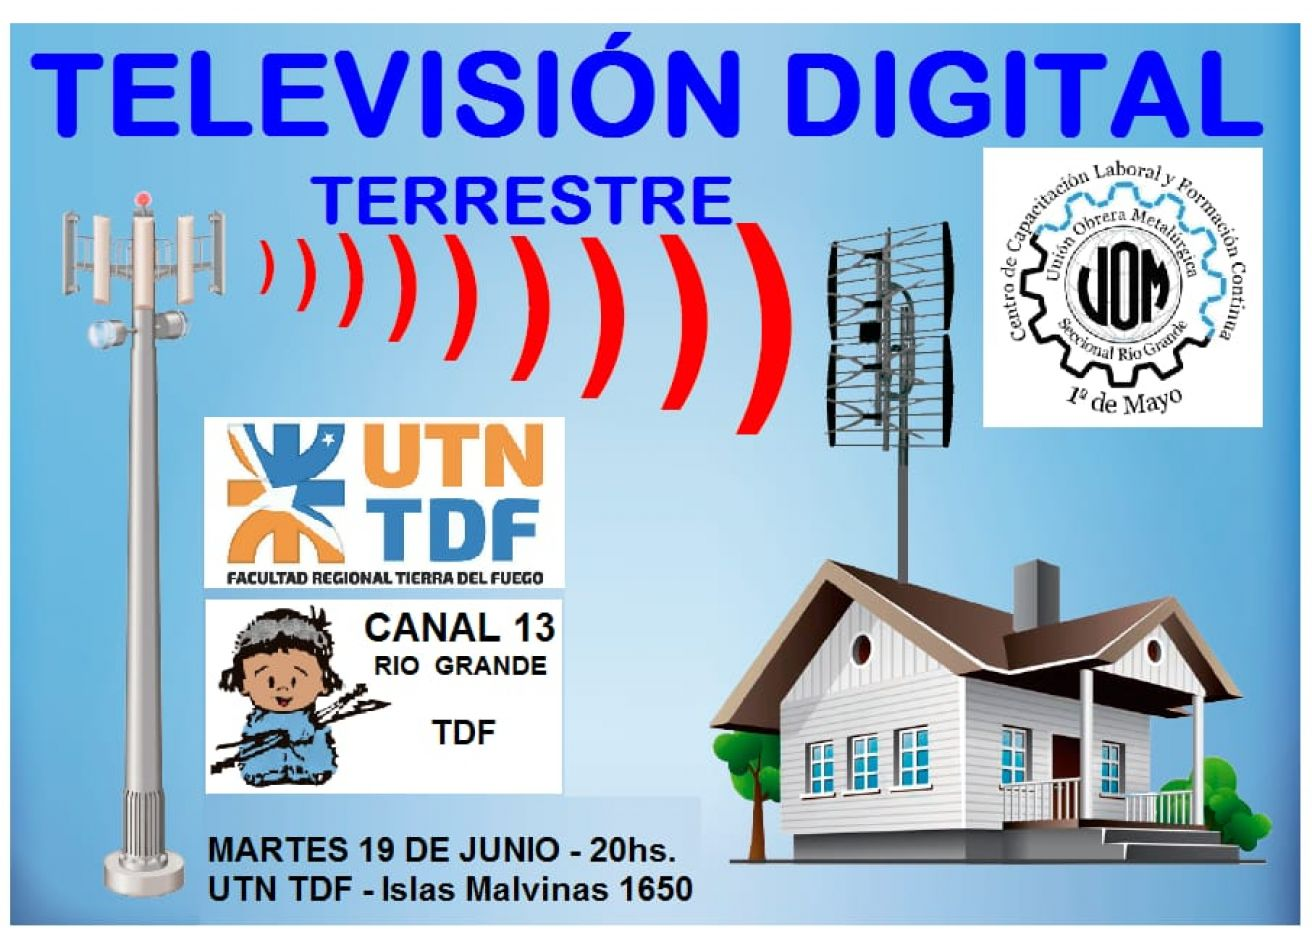 """Charla abierta a la comunidad sobre """"Televisión Digital Terrestre""""."""